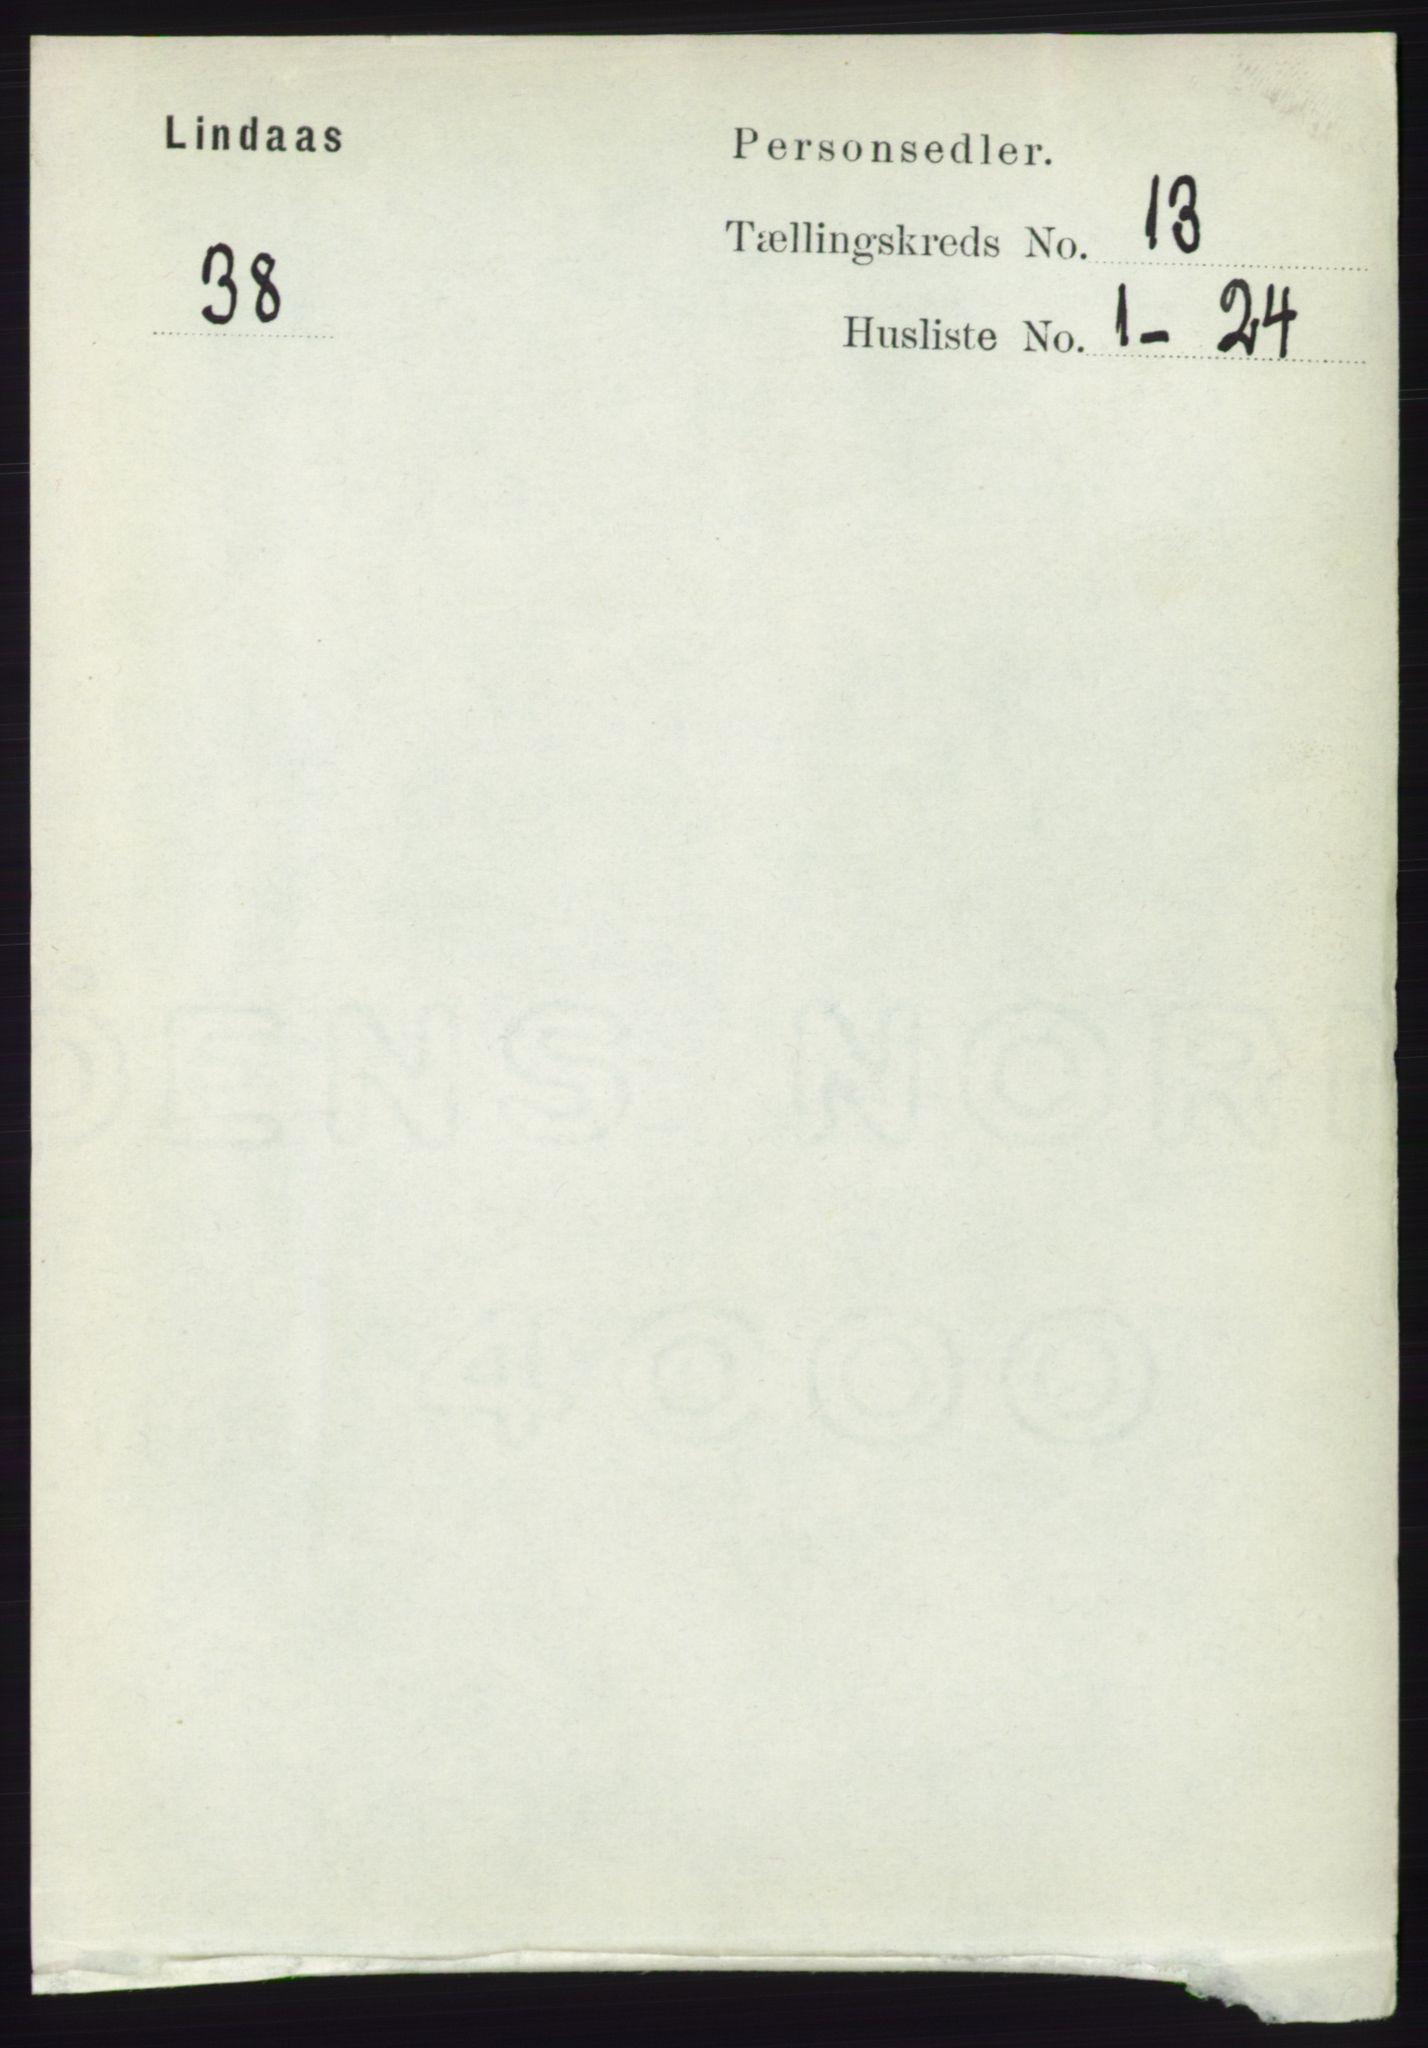 RA, Folketelling 1891 for 1263 Lindås herred, 1891, s. 4541